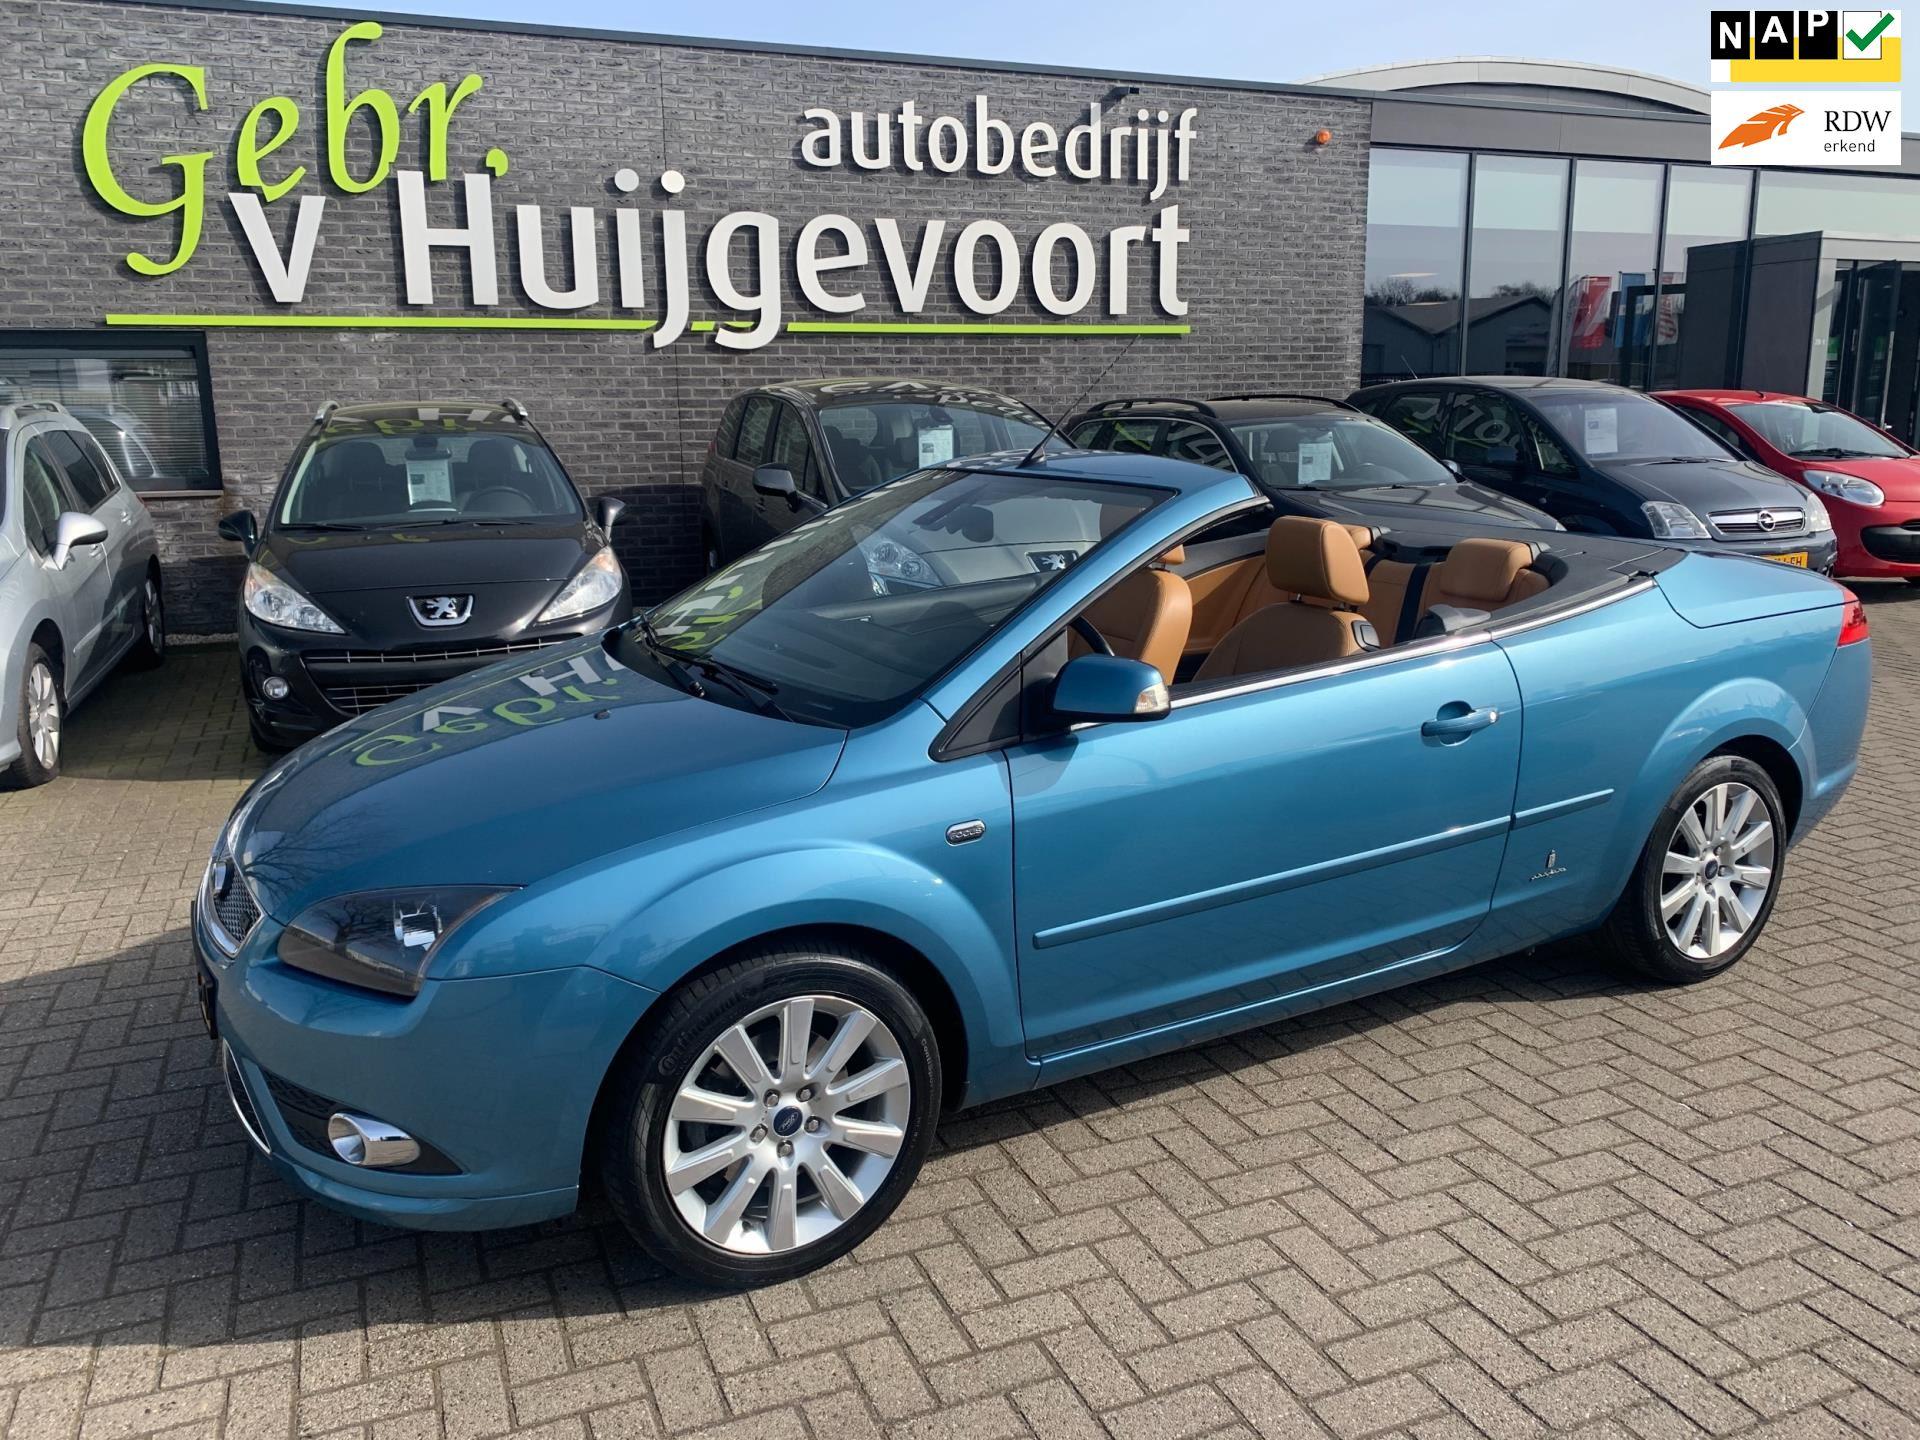 Ford Focus Coupé-Cabriolet occasion - Autobedrijf van Huijgevoort